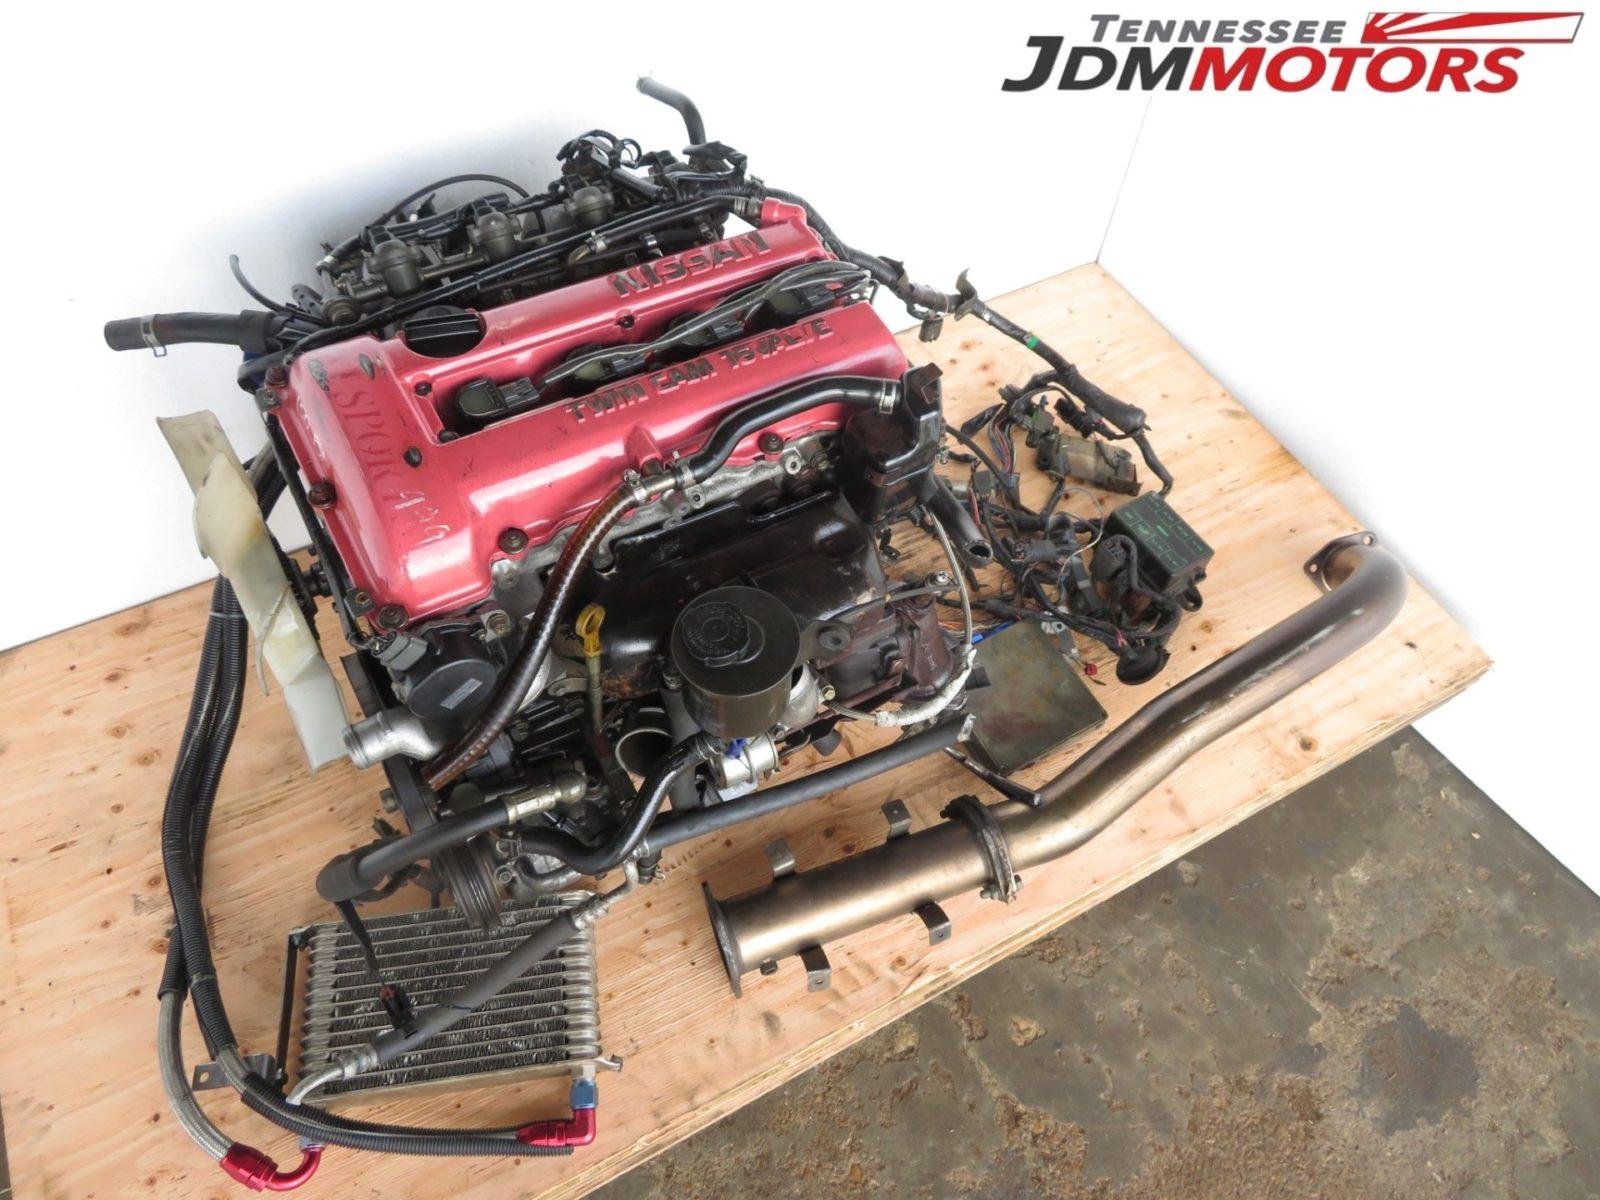 Jdm Nissan Silvia Sr20det S13 Blacktop Engine Sr20det S13 Engine Only Tennessee Jdm Motors